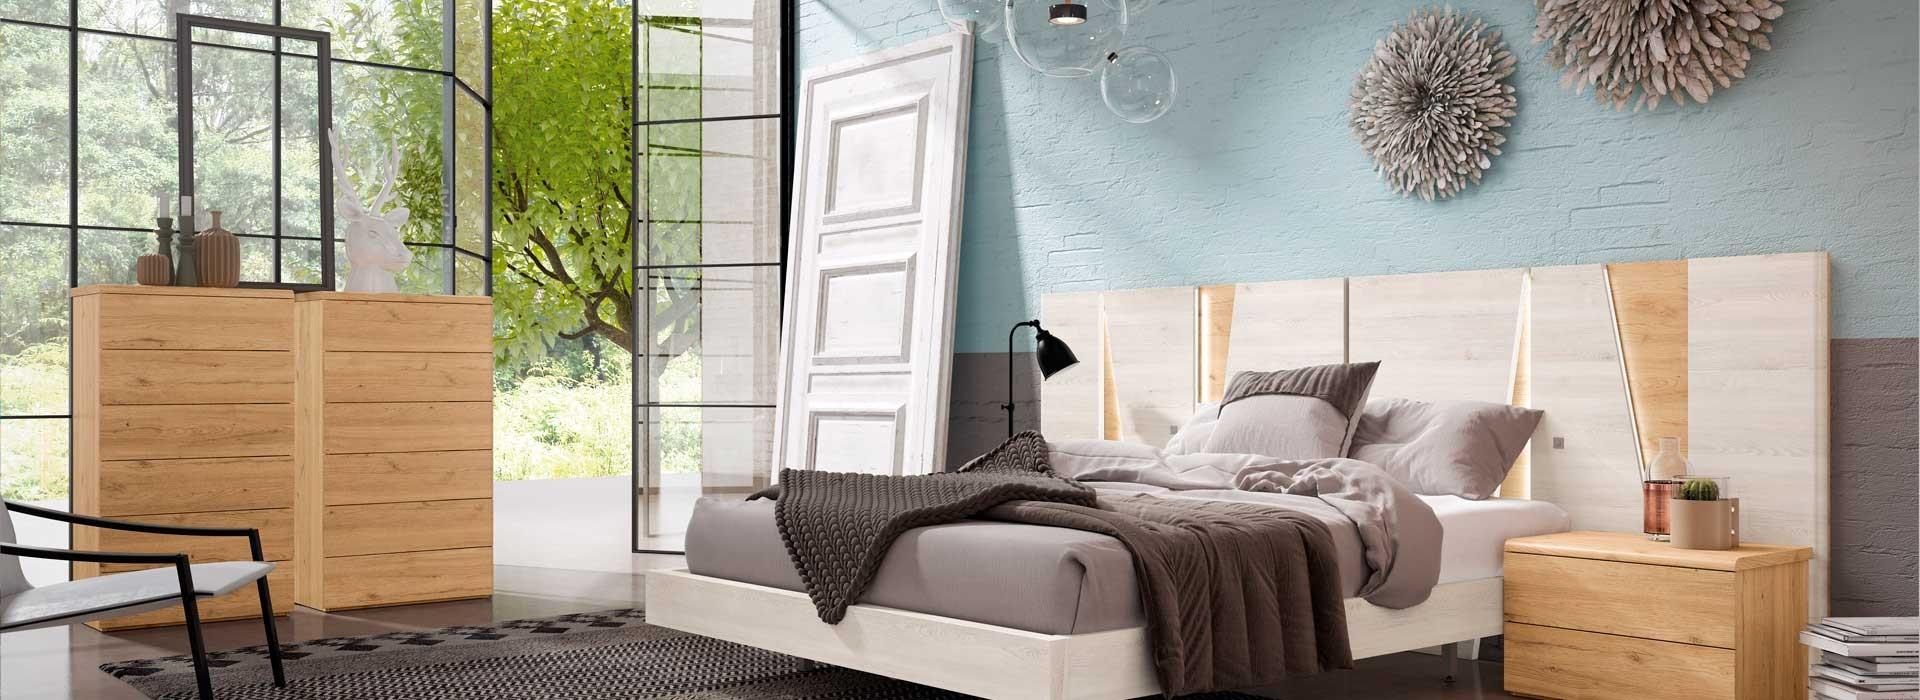 Dormitorio moderno de gran calidad